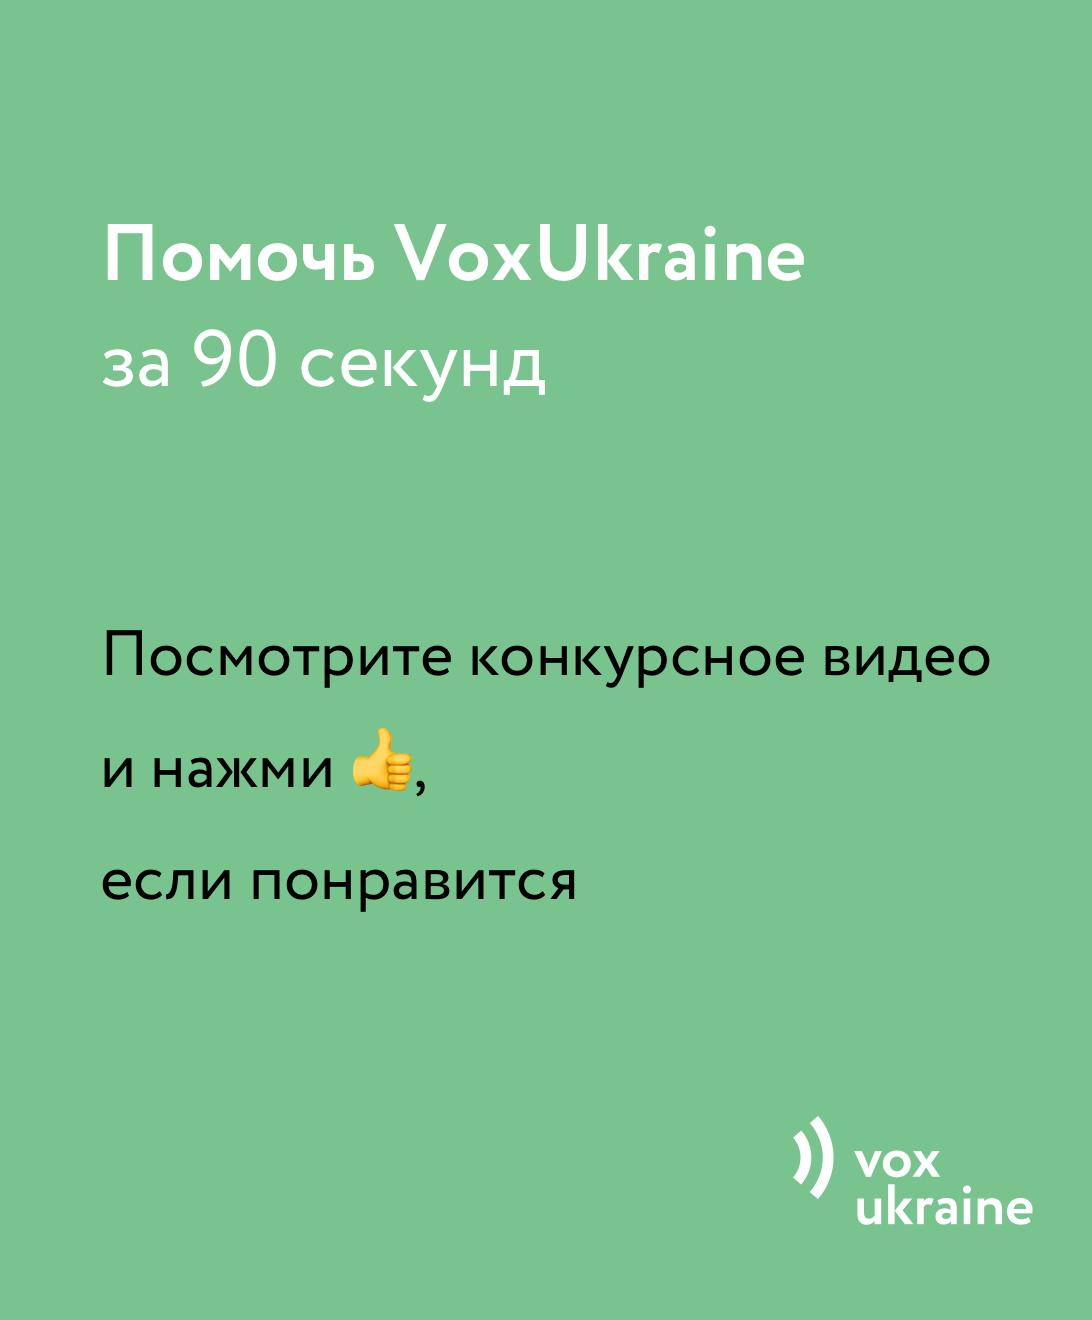 Украине нужна качественная аналитика: помочь VoxUkraine за 90 секунд